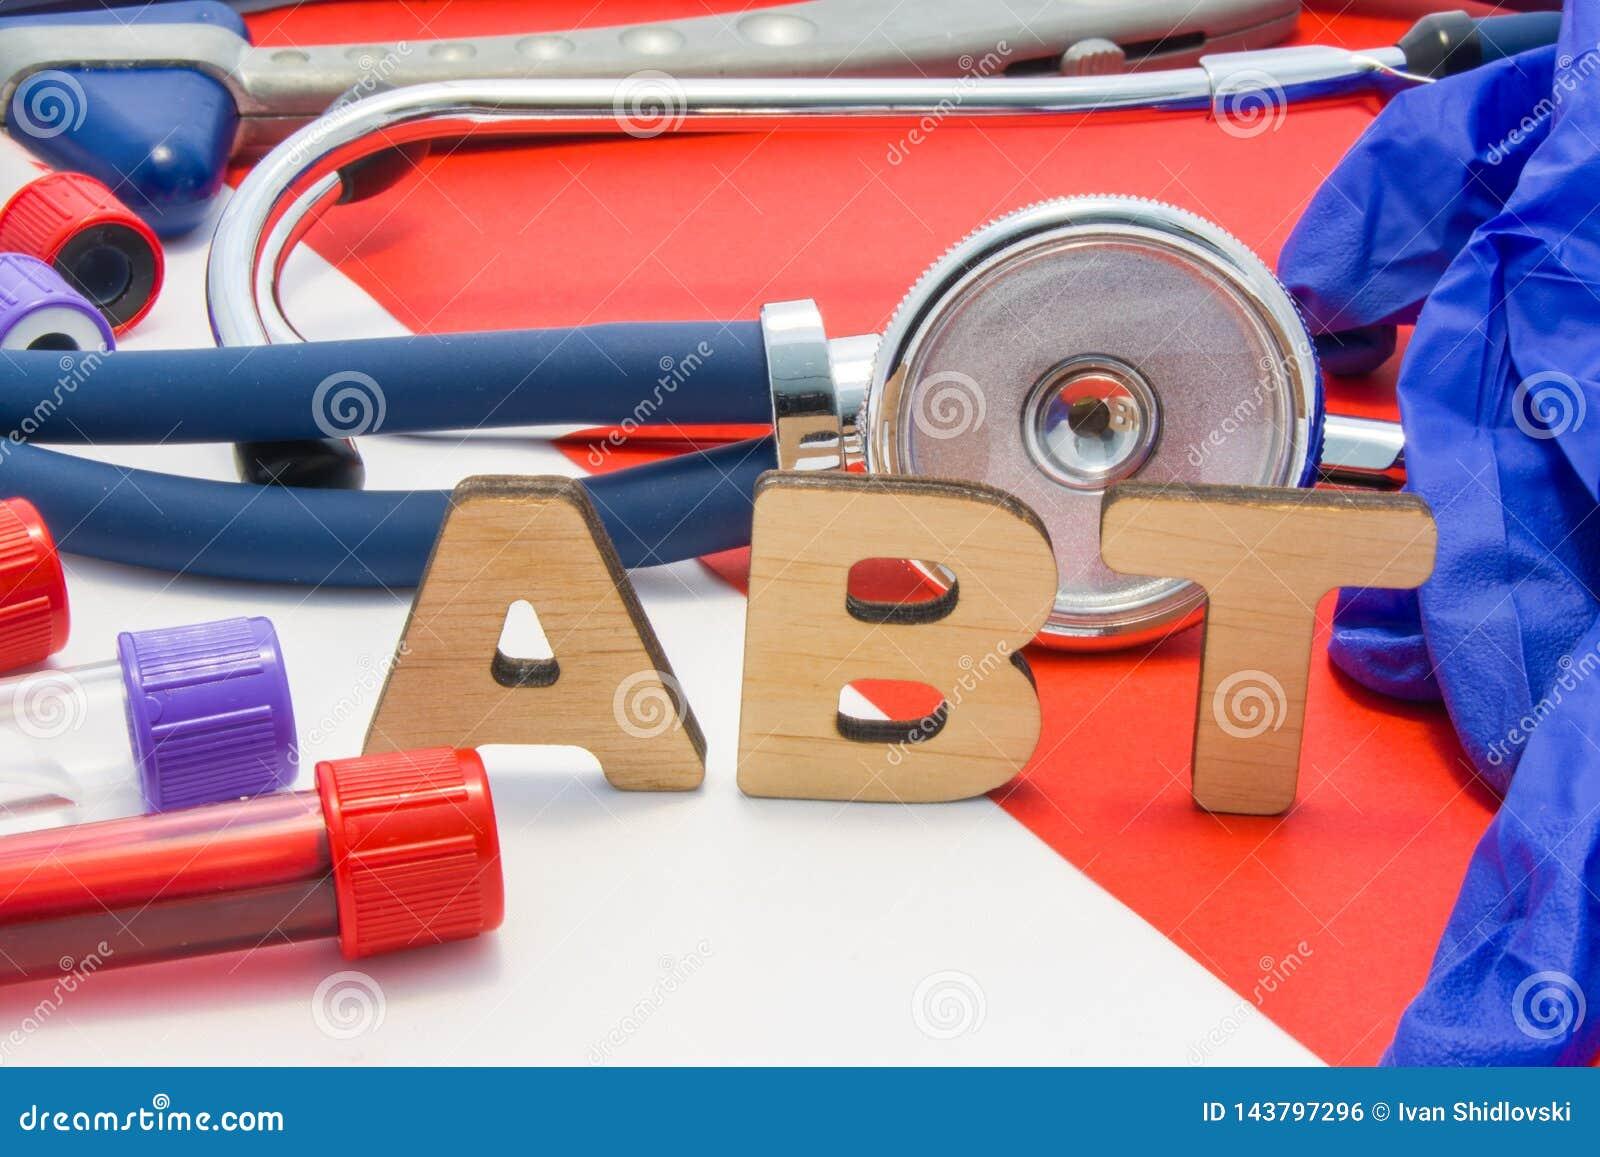 在血液的艾布特医疗简称意思抗体滴定量在红色背景的实验室诊断 艾布特的化工名字是surr